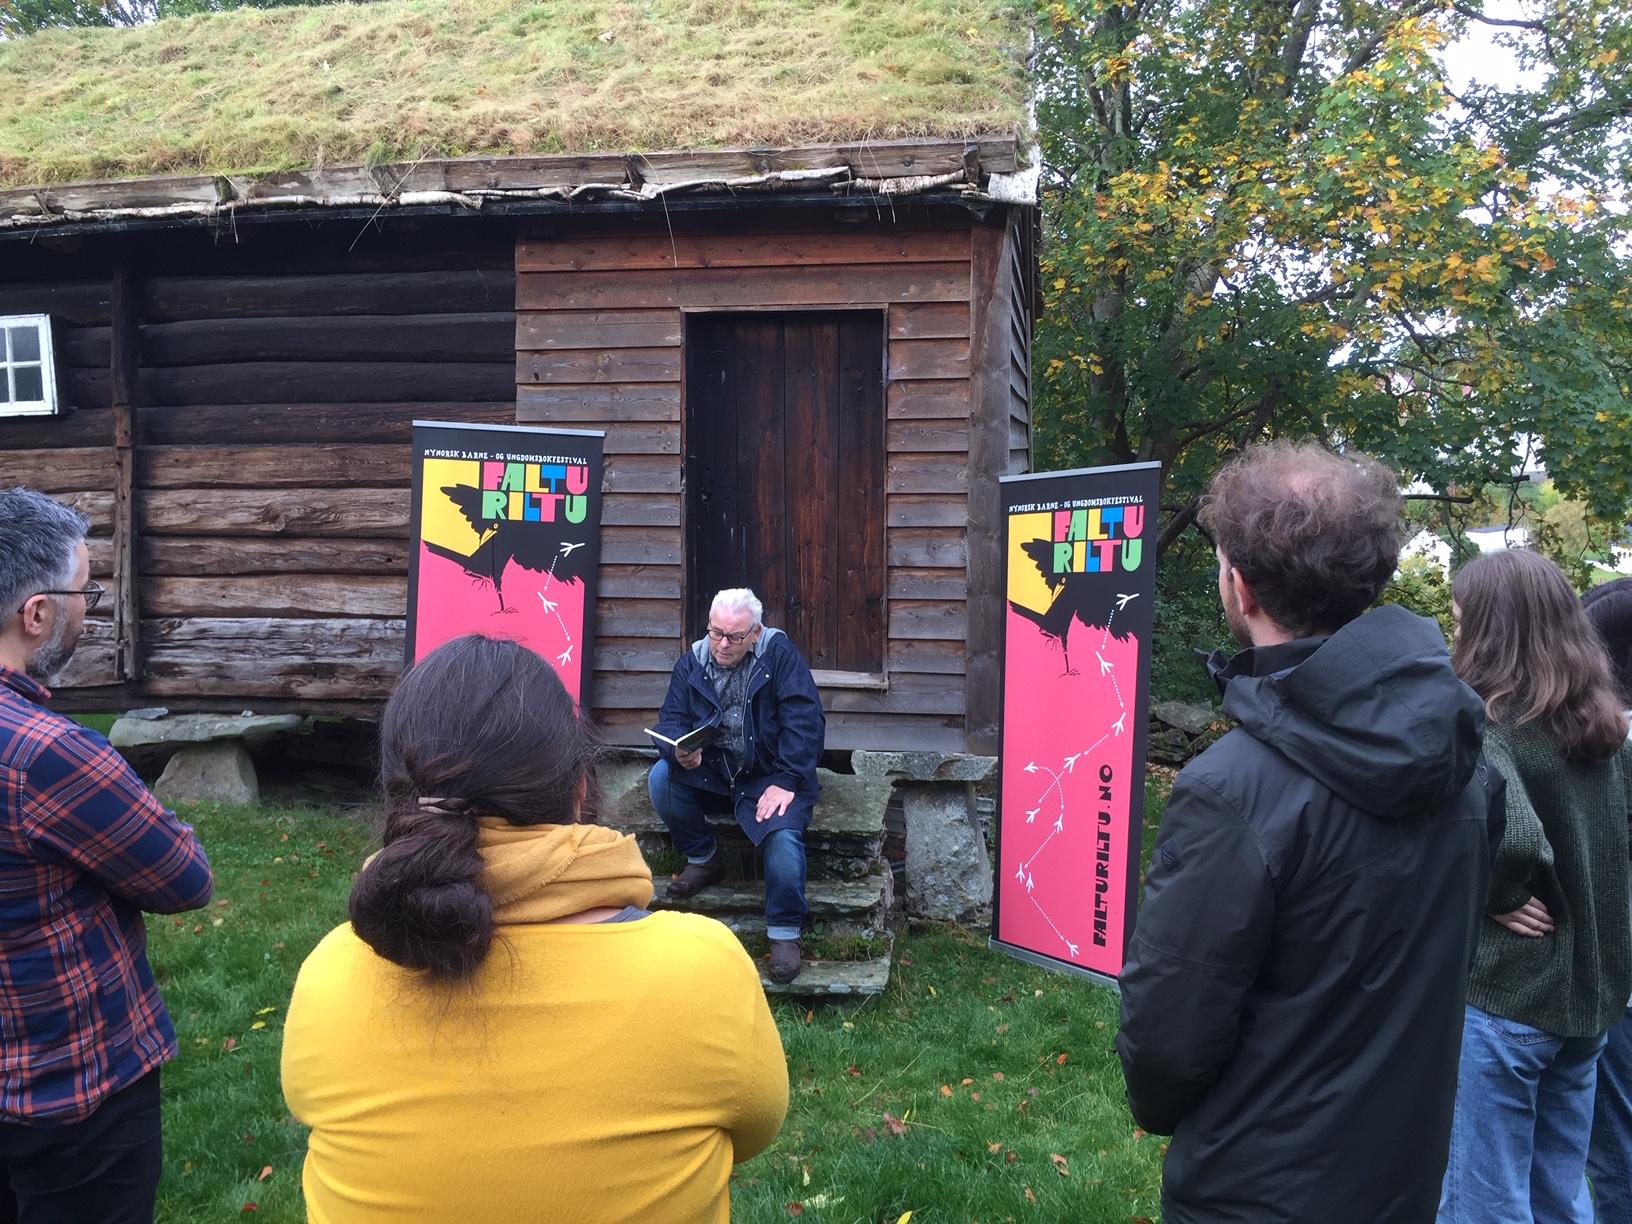 Programslepp på Sunnhordland museum, 5. oktober 2020 Foto Roar Bahlestuen